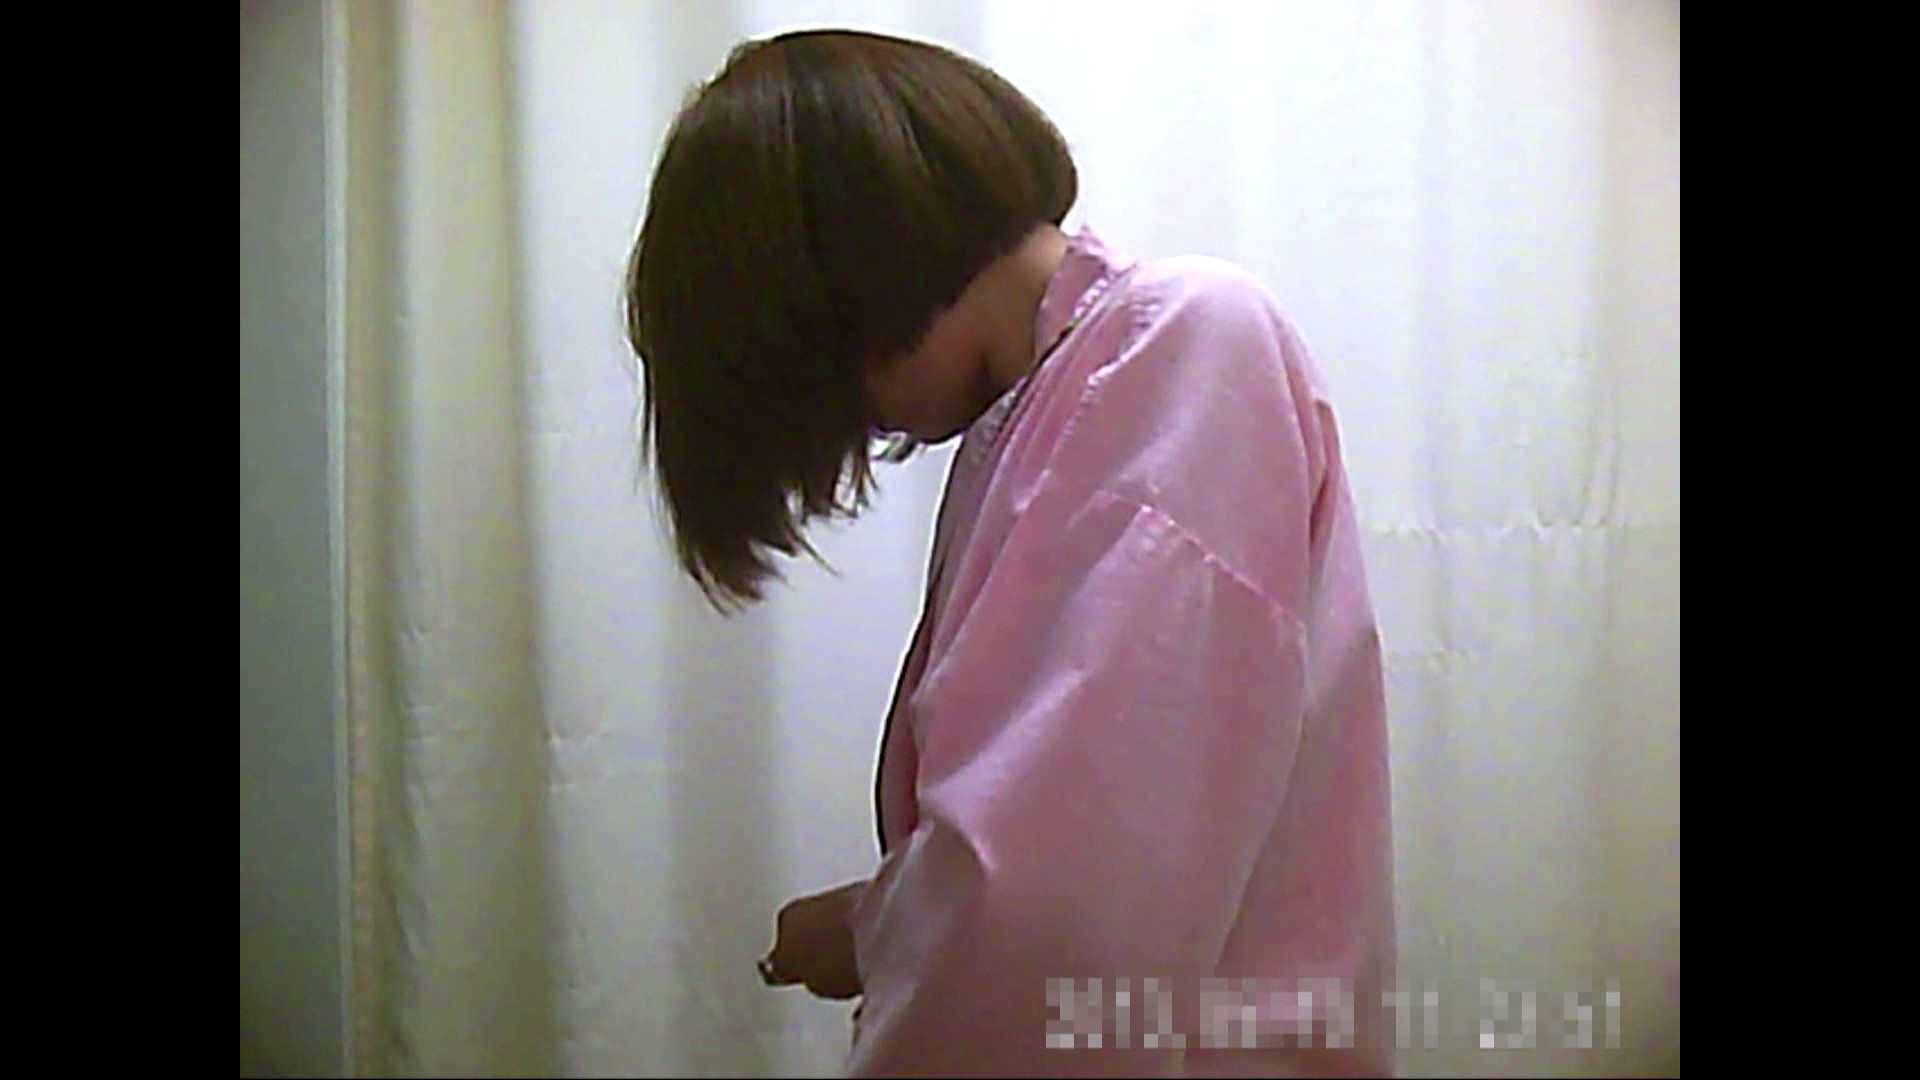 病院おもいっきり着替え! vol.211 巨乳 ワレメ動画紹介 90画像 26